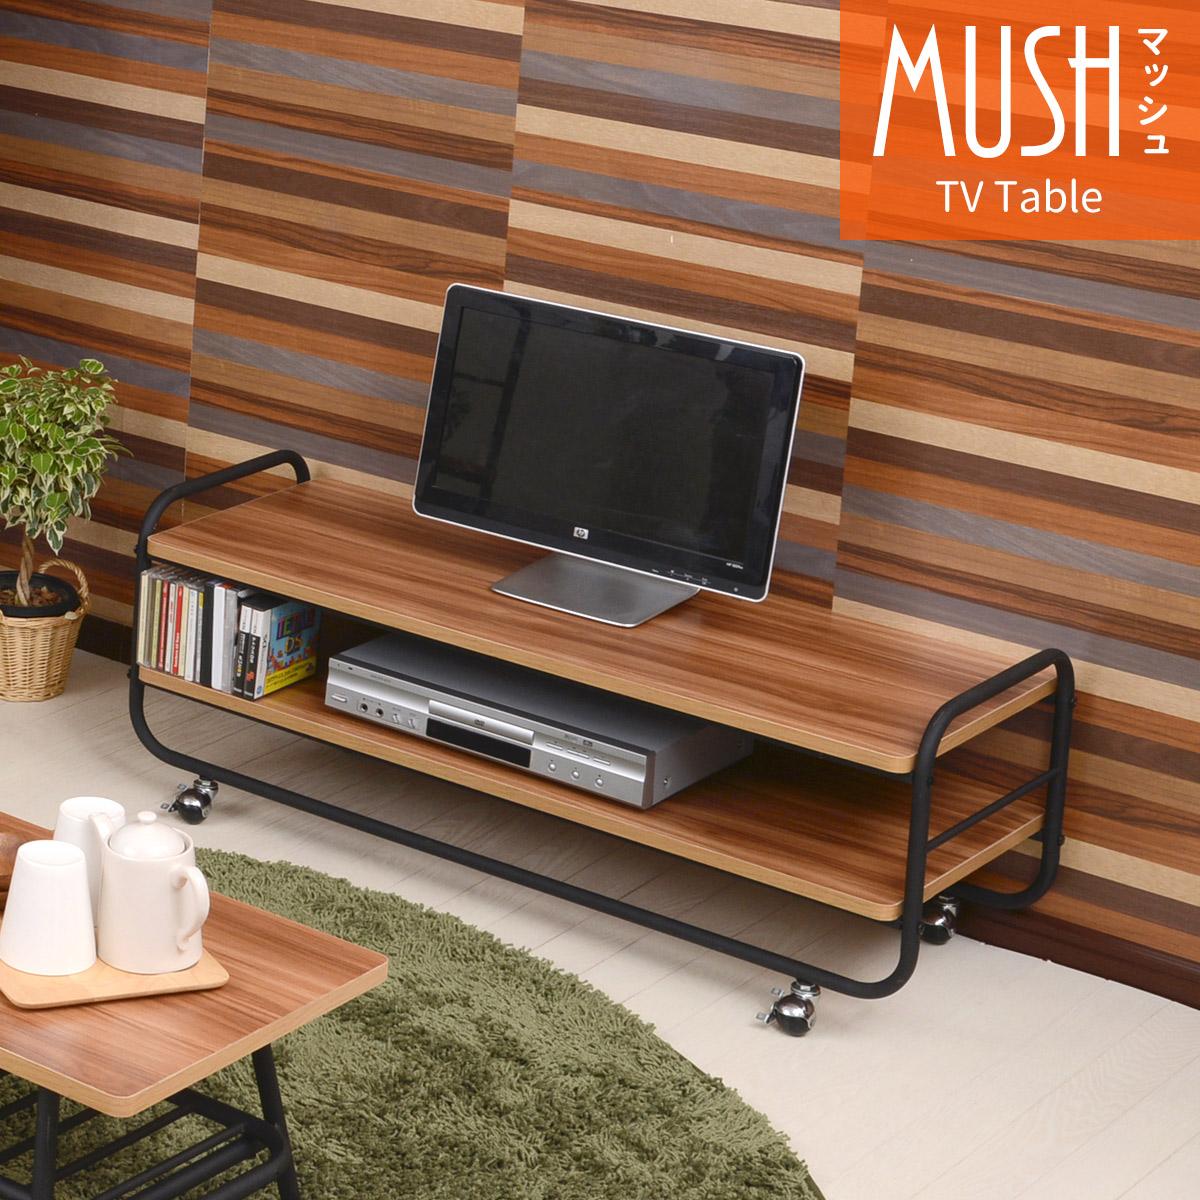 テレビ台 オープンラック センターテーブル ローボード アイアン パイプ デスク 収納 北欧 メラミン 木製